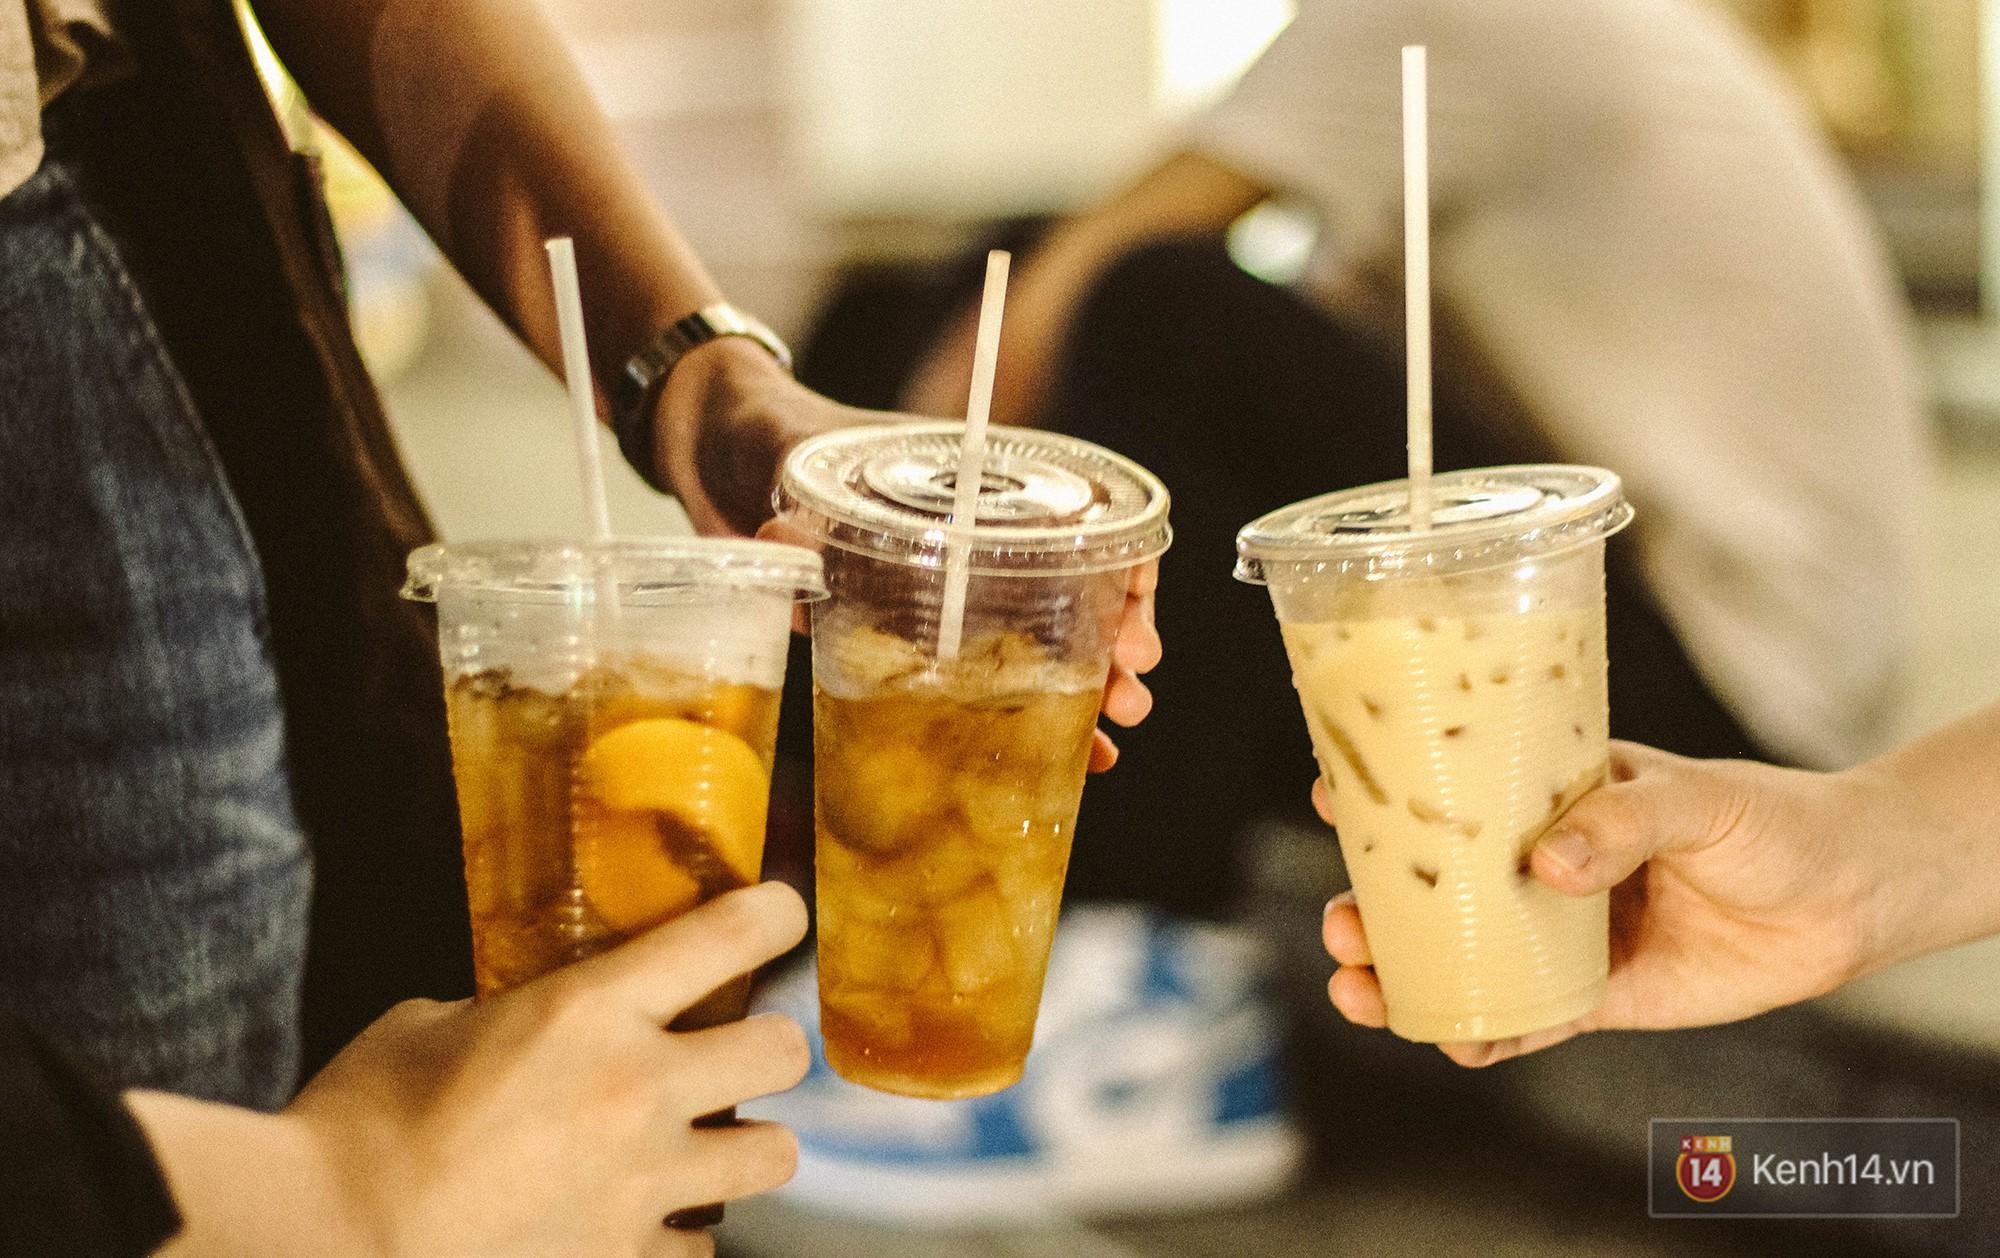 Dù chỉ là trà sữa ven đường nhưng các hàng này ở Sài Gòn lại hút khách hơn cả những thương hiệu lớn - Ảnh 4.